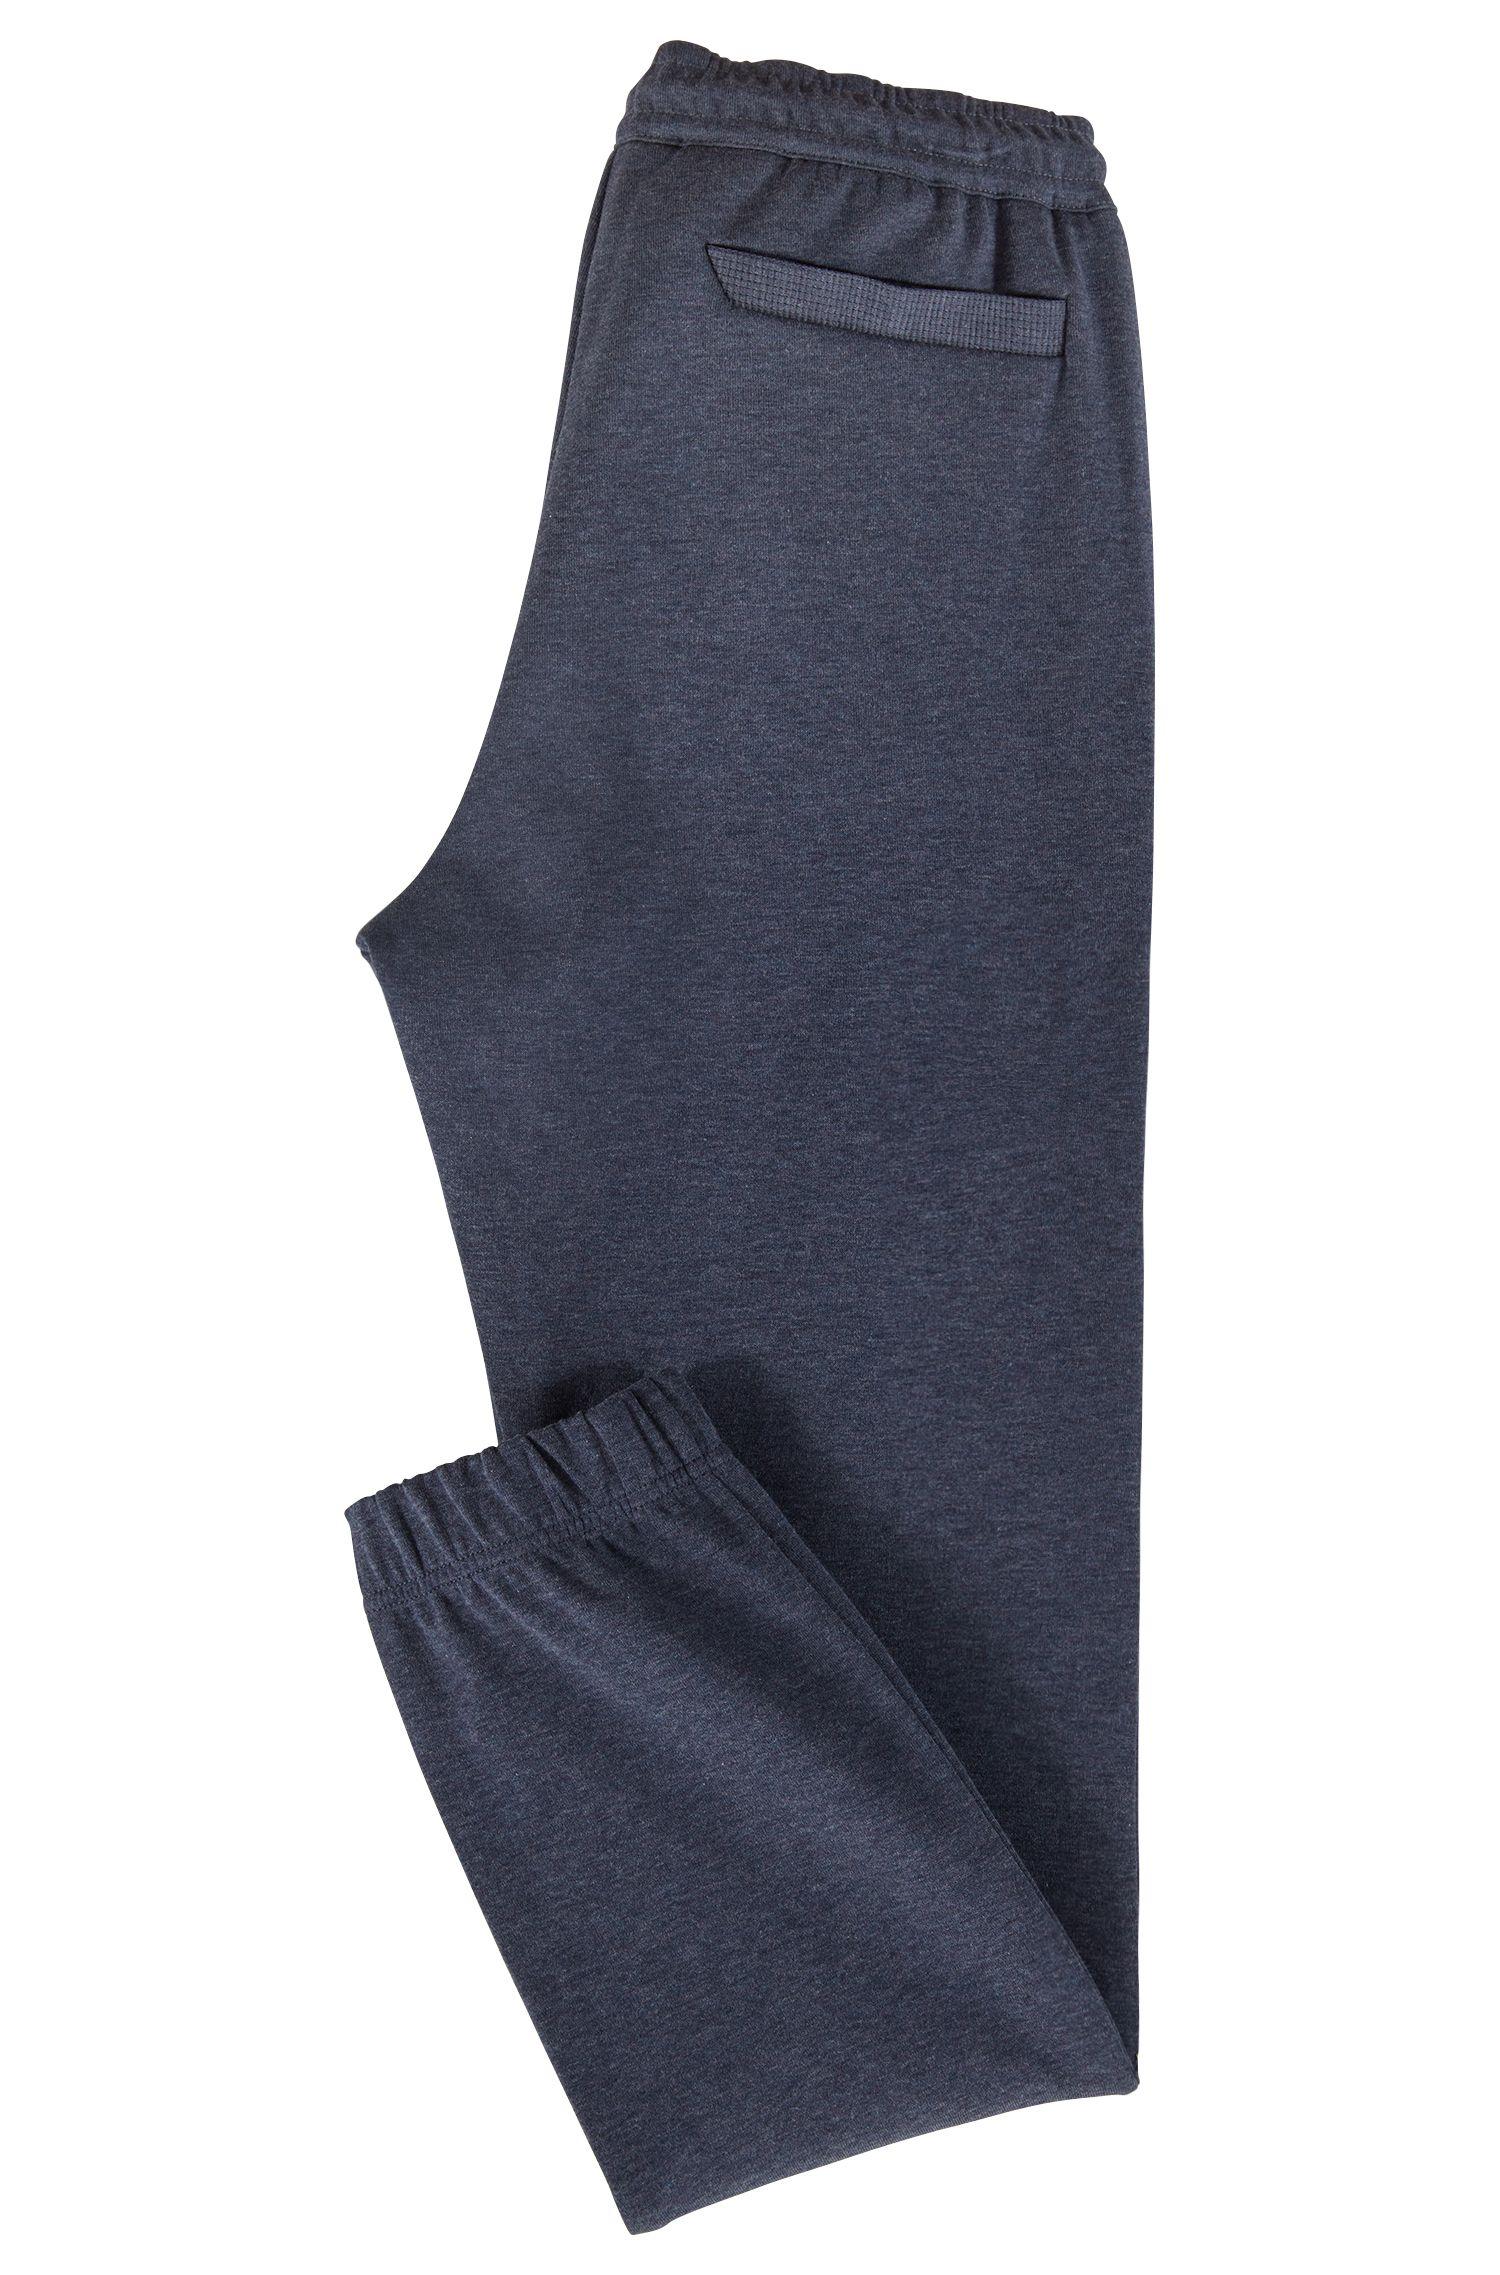 Slim-Fit Jogginghose aus Baumwoll-Mix mit Streifen-Dessin, Dunkelblau